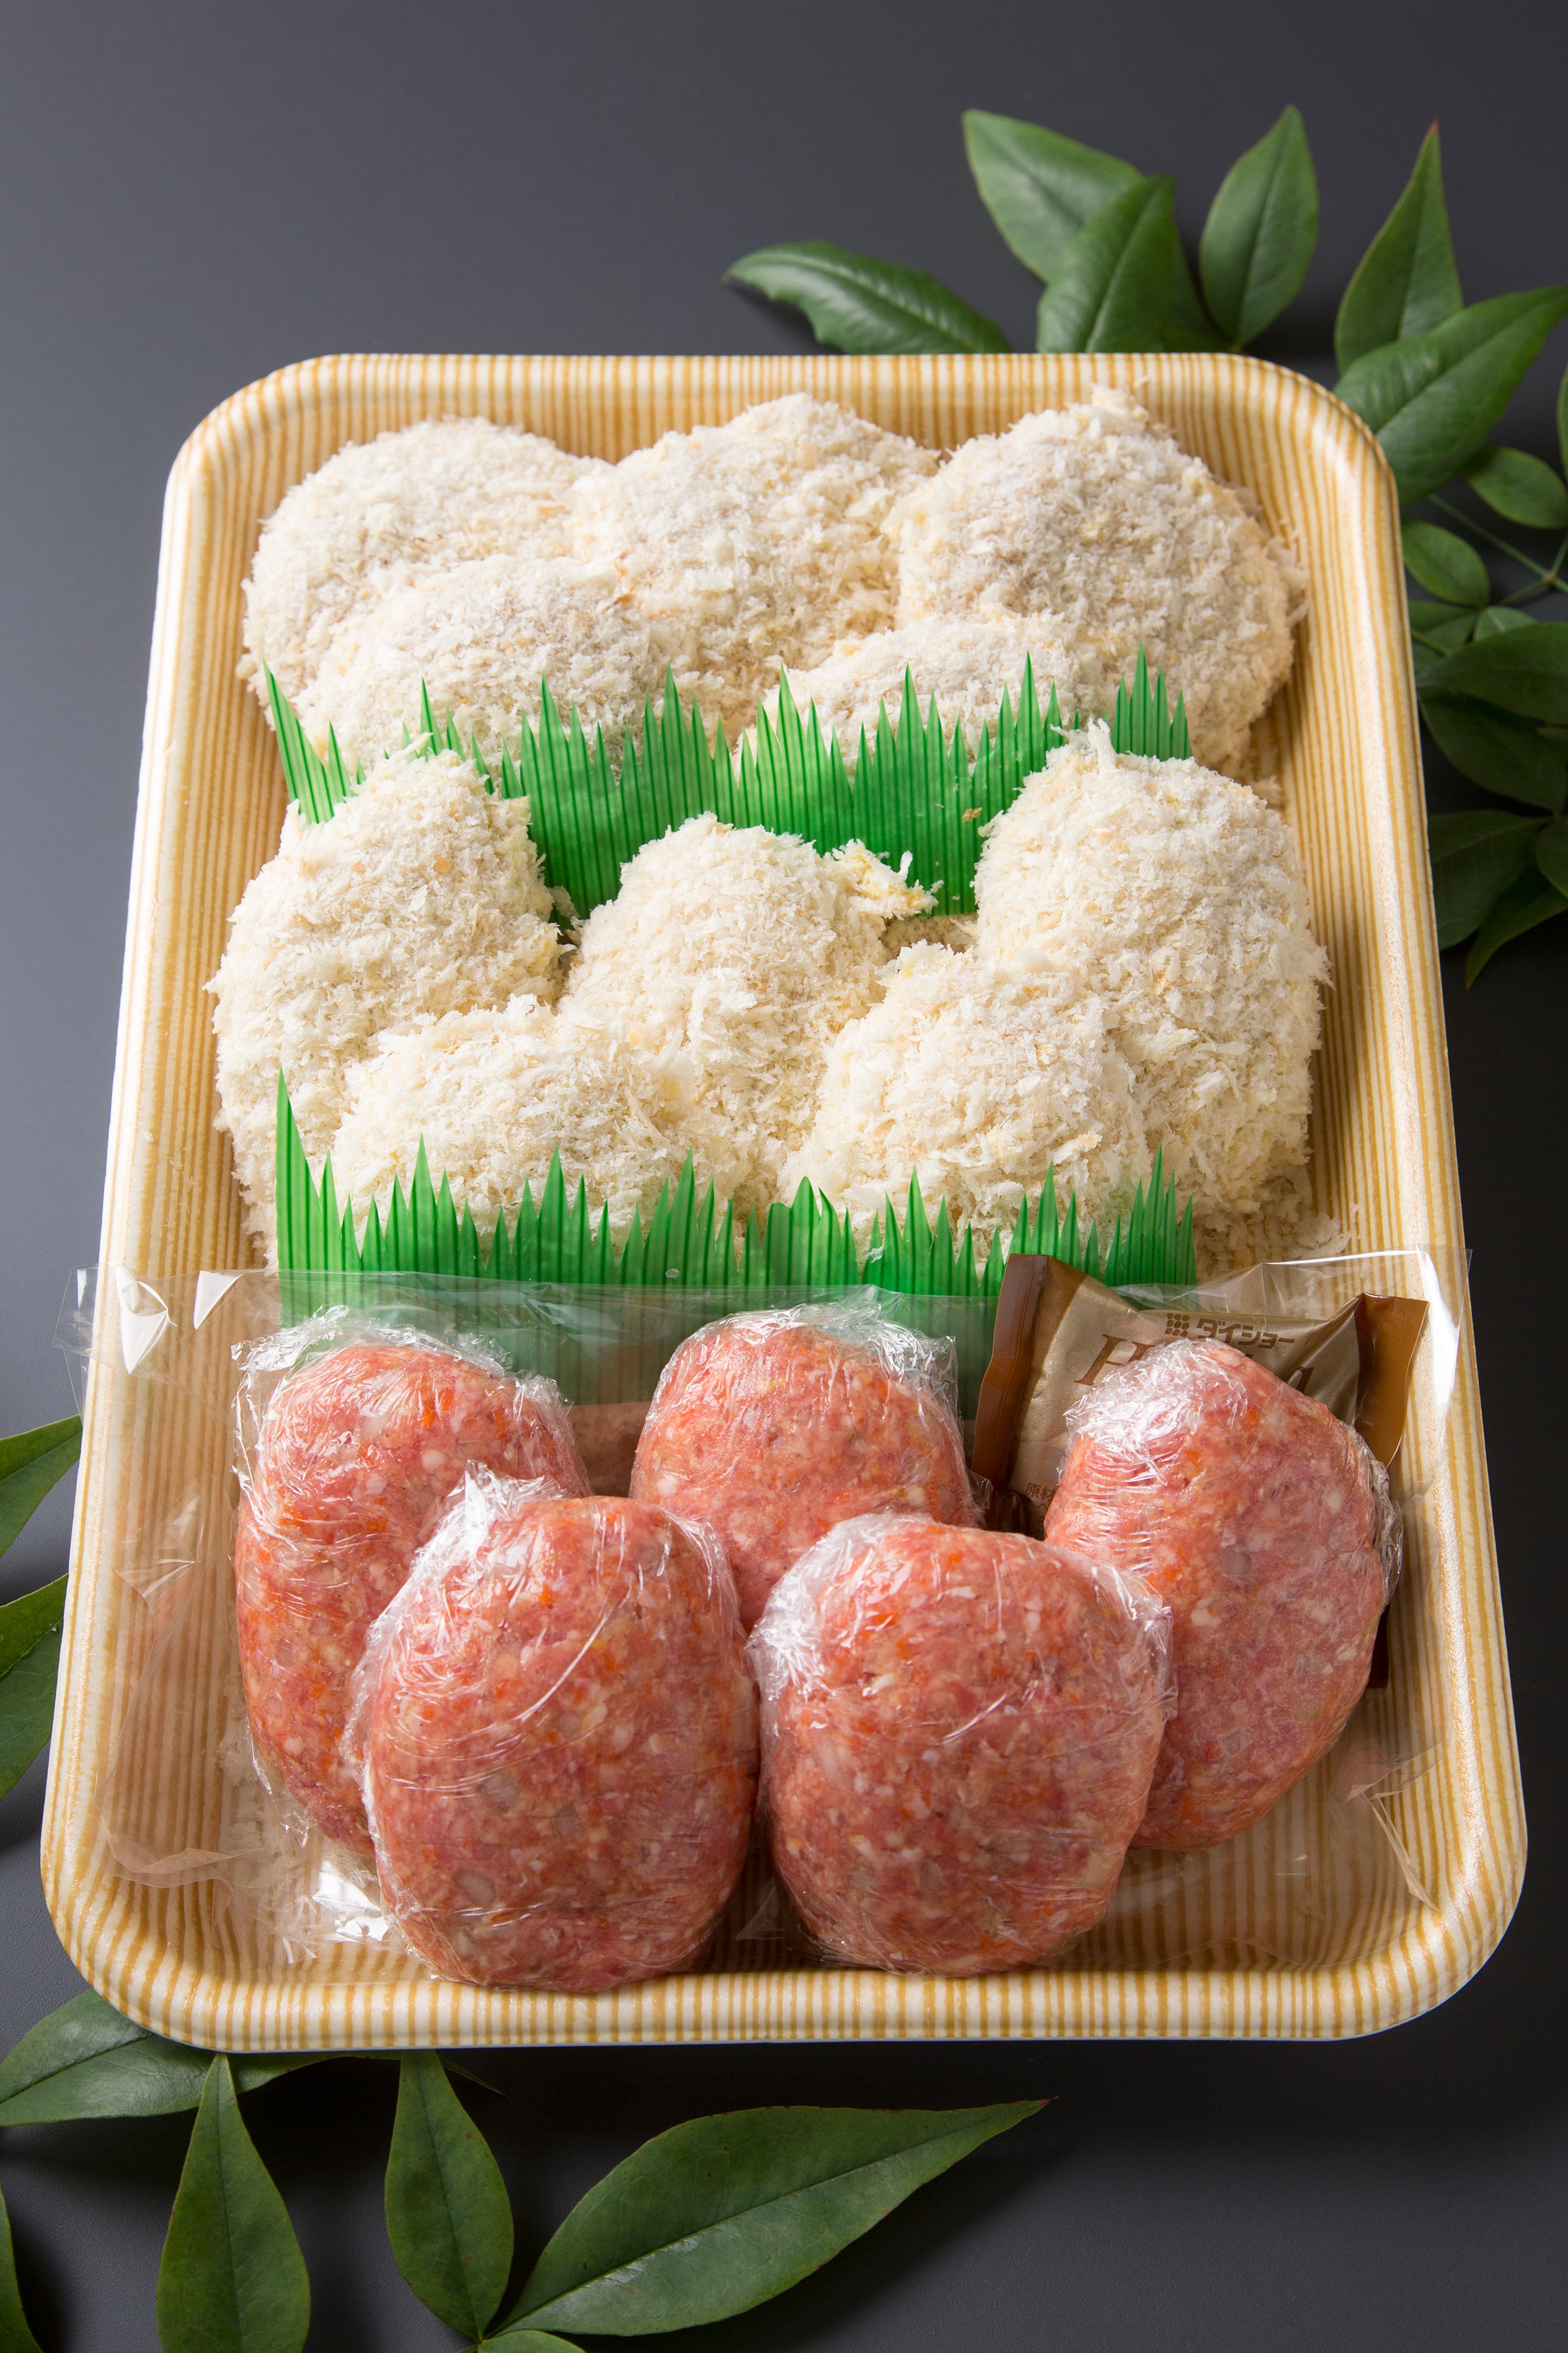 かわなべ牛ハンバーグ・メンチカツ・牛肉コロッケ各5個ずつ